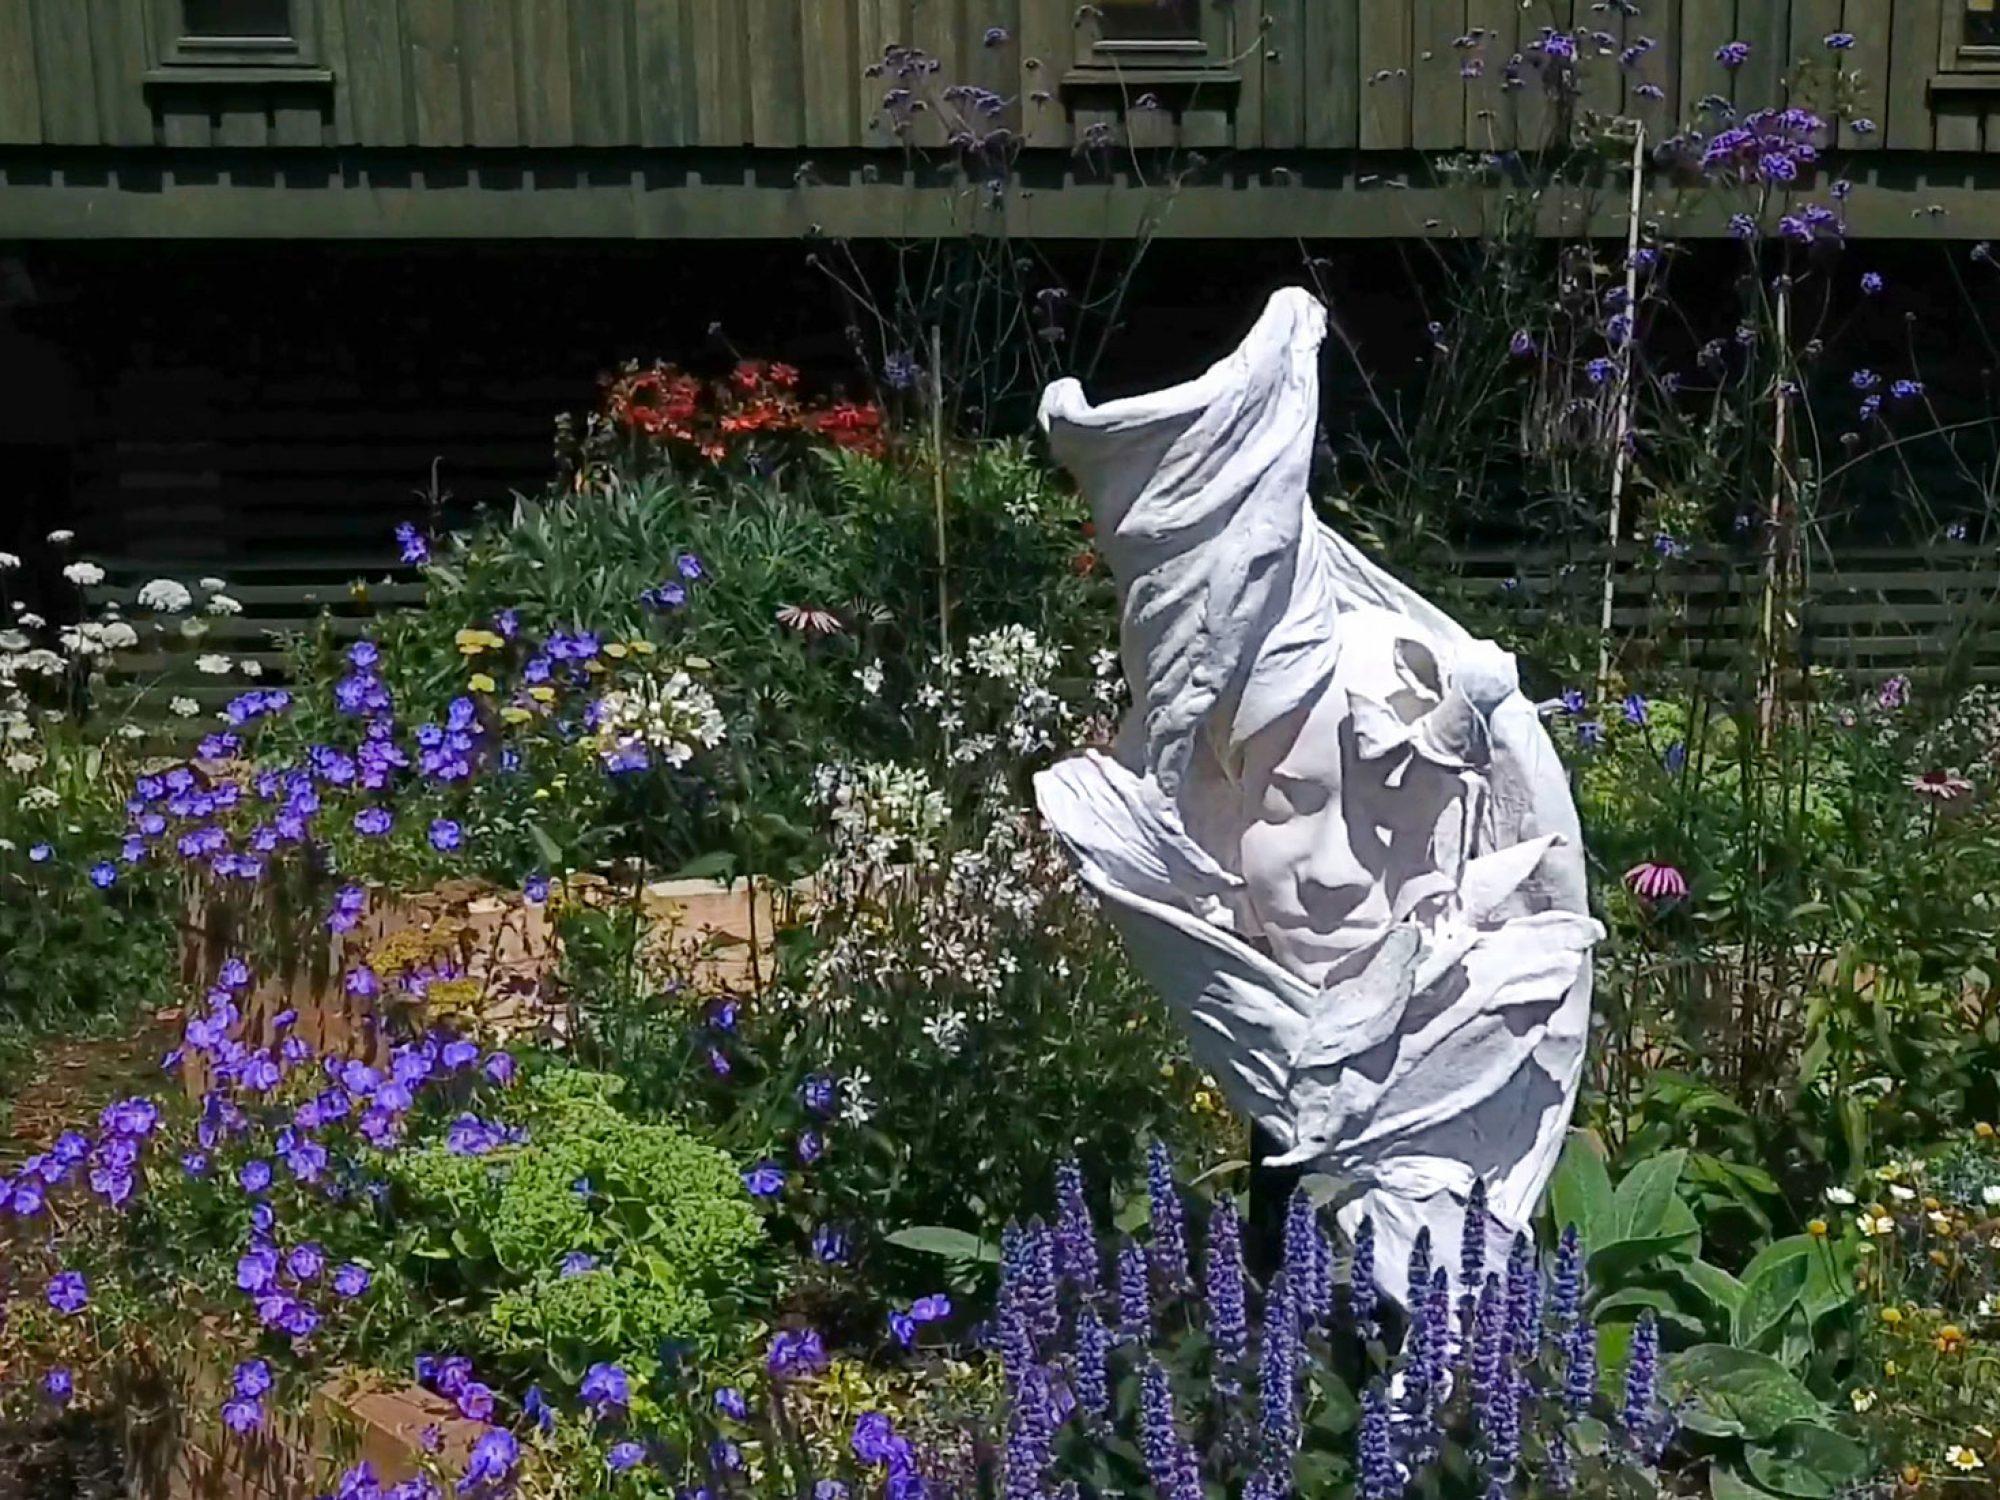 A sculpture of a girl in the Horniman Bee Garden